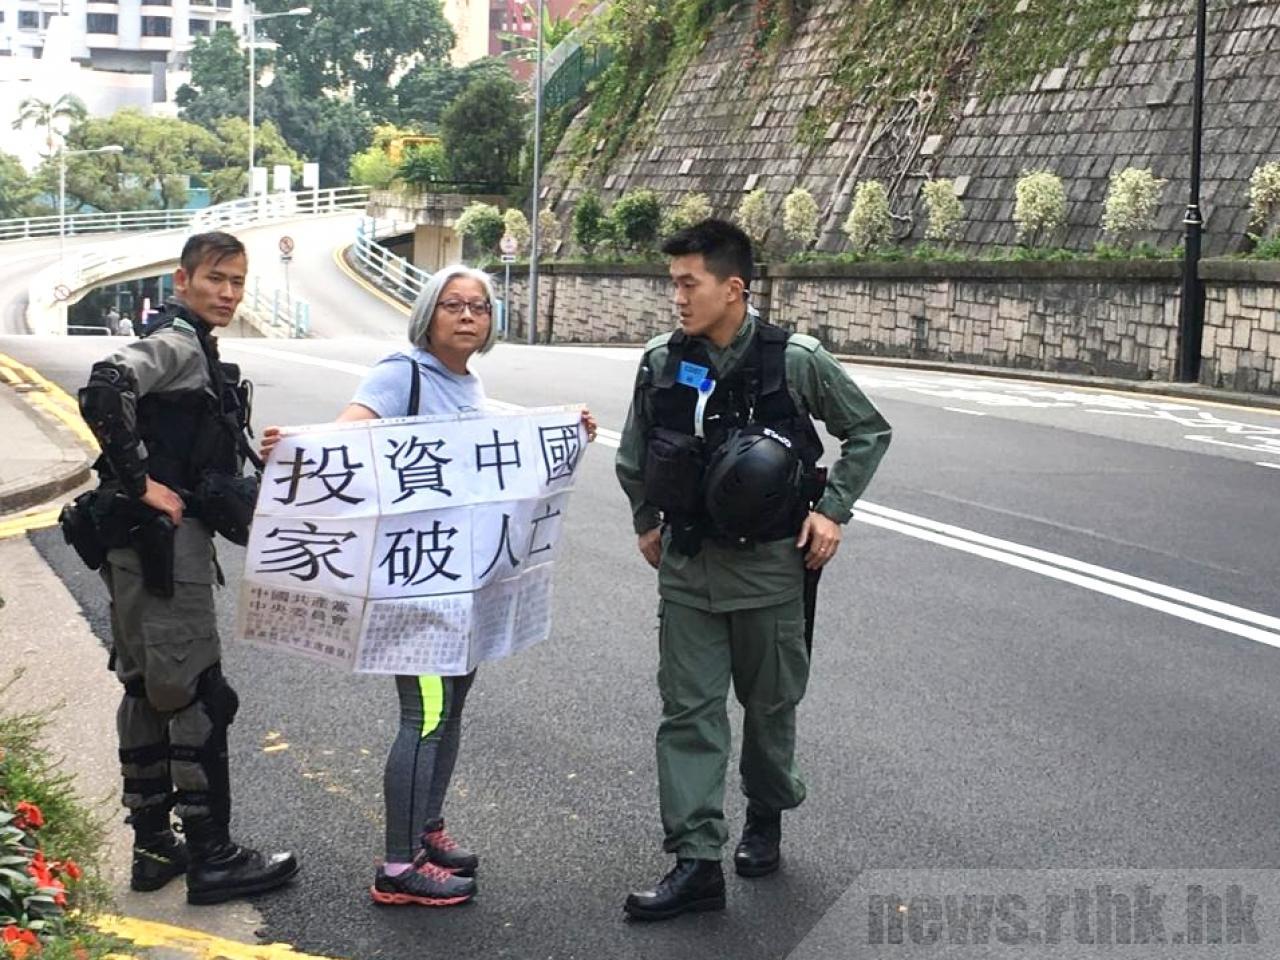 有市民手持標語到禮賓府示威,被防暴警員驅趕離開。(圖片來源:香港電台)